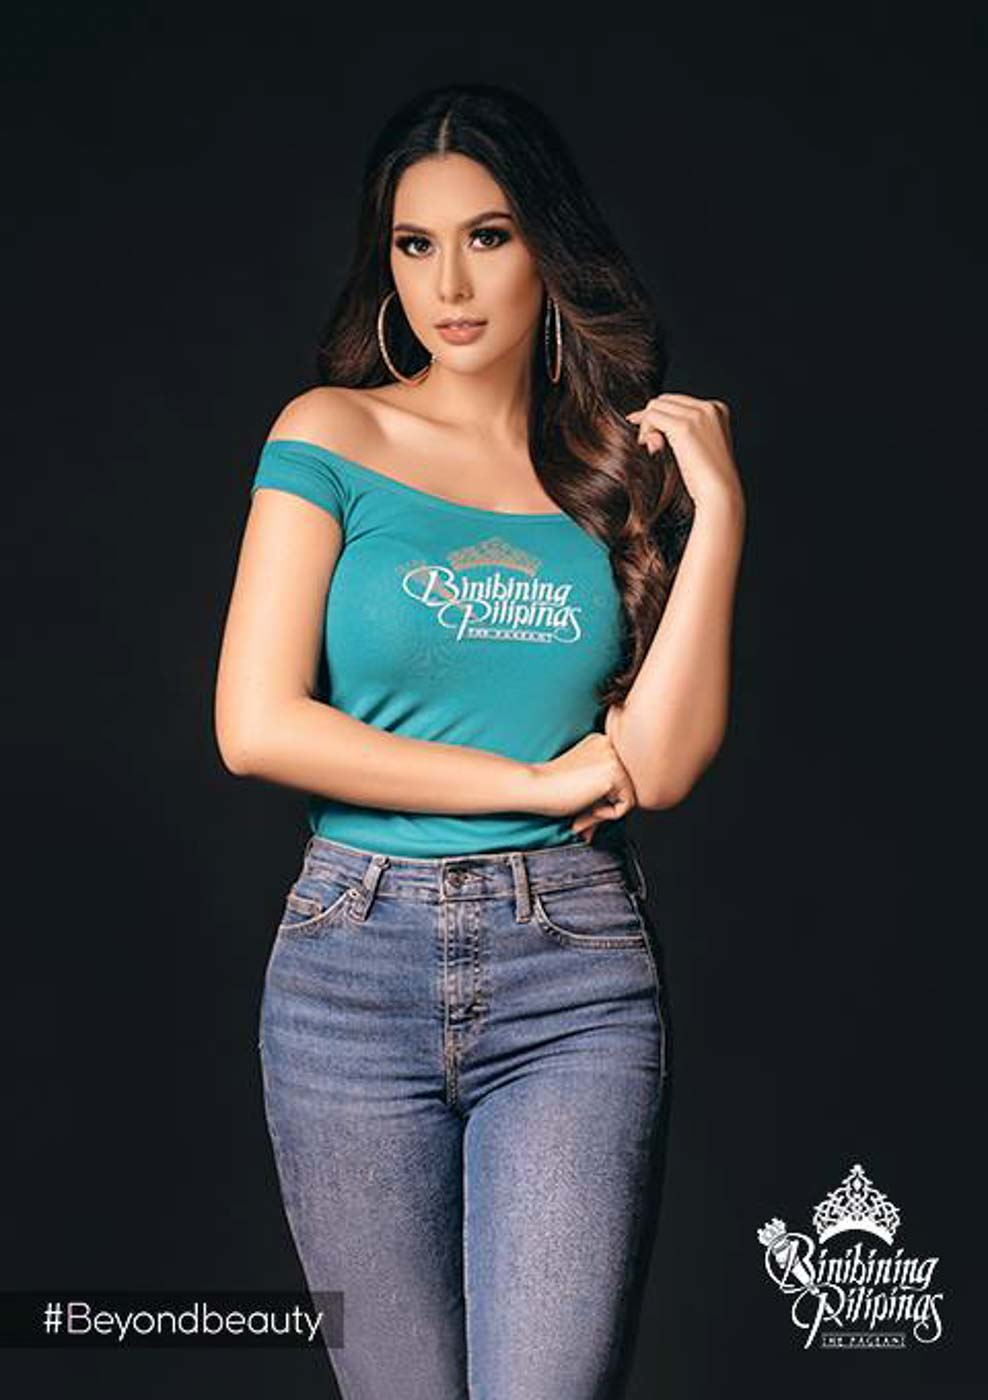 dating artista sa Pilipinas beste morsomme dating overskrifter